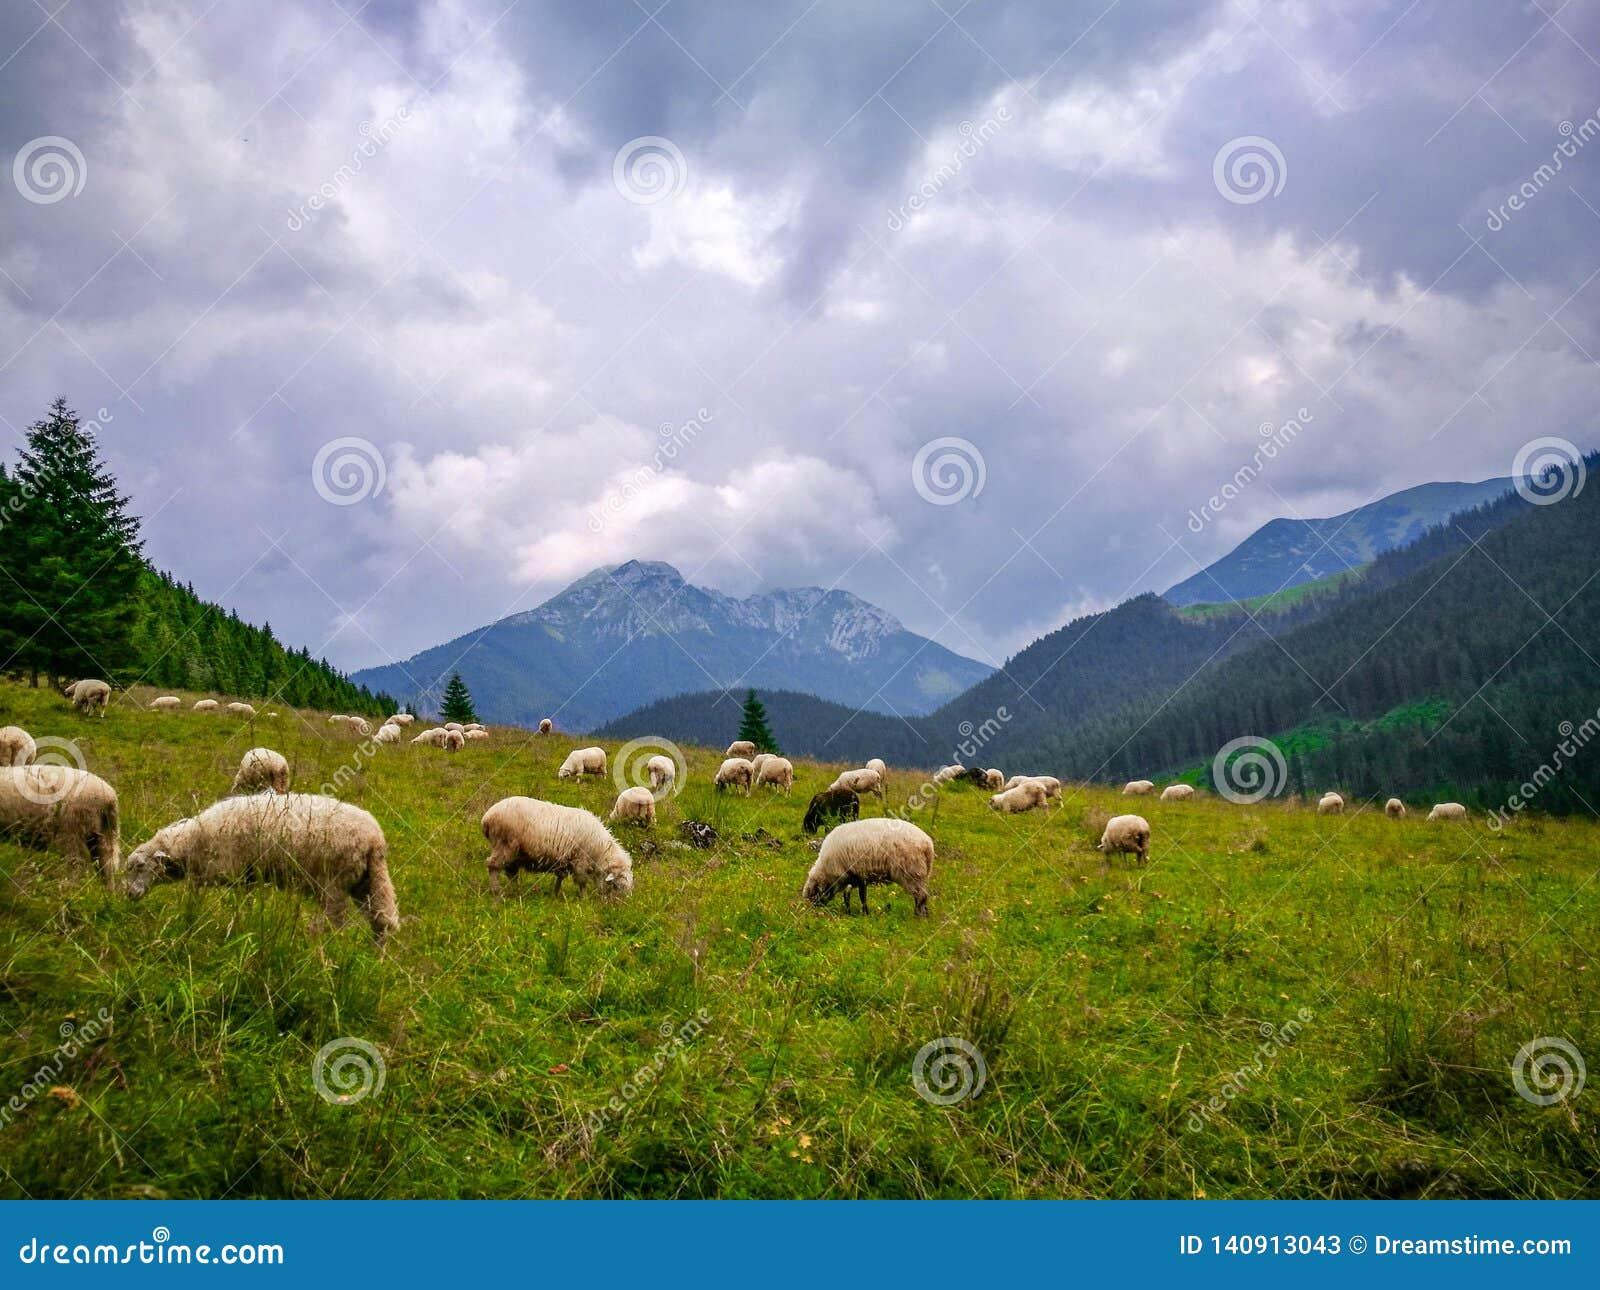 Sheep in the meadow, Zakopane, Polska